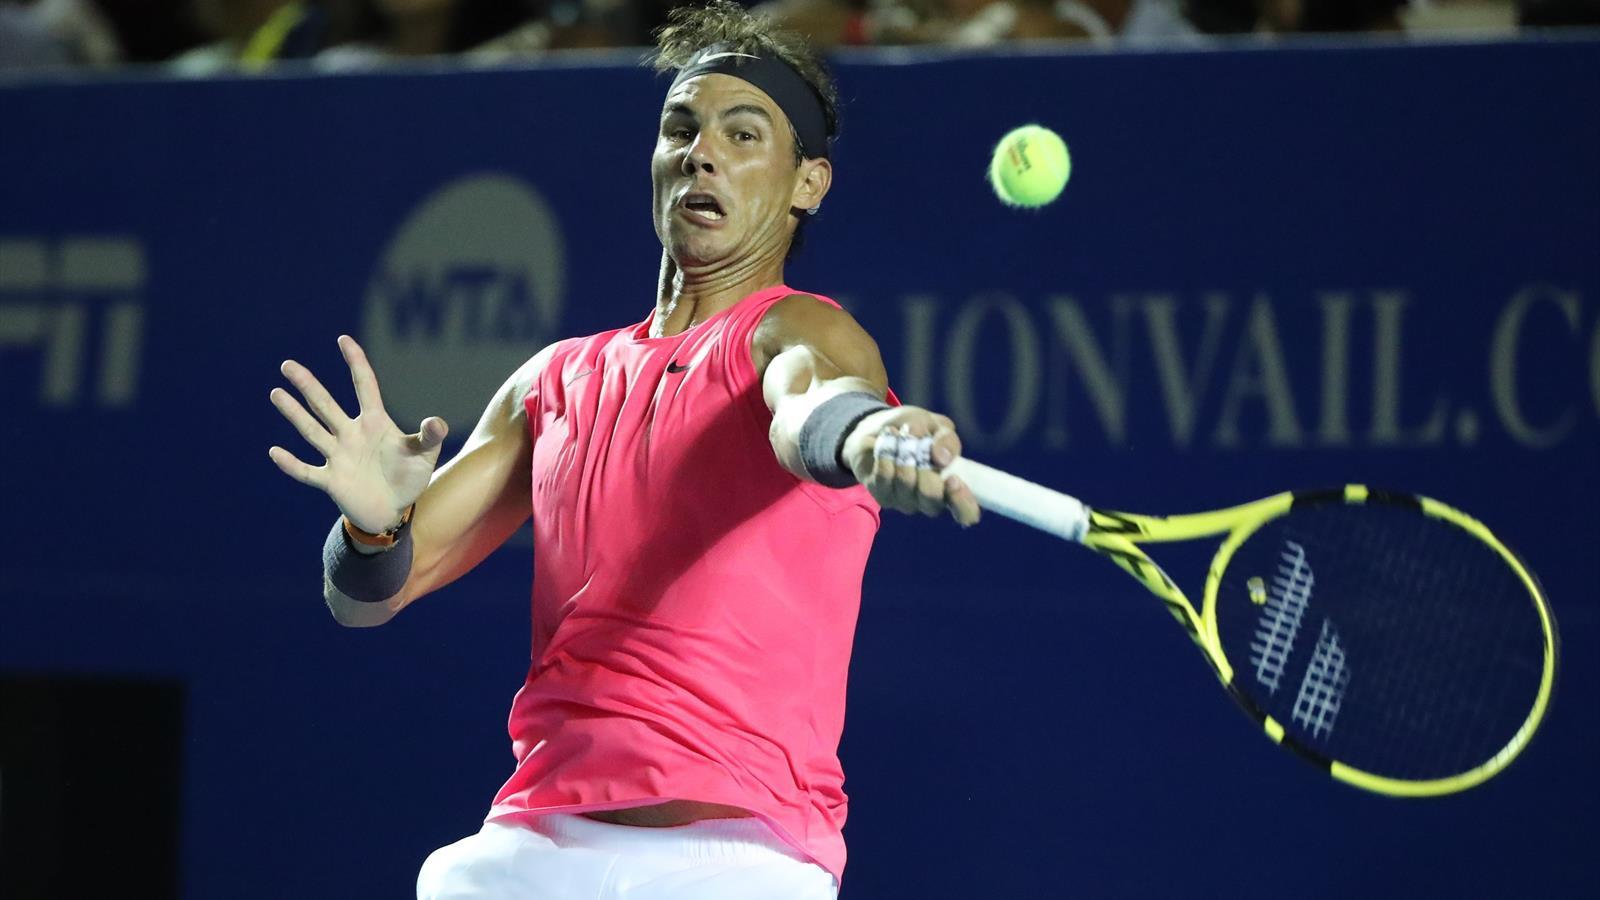 ATP Acapulco 2020, Rafael Nadal-Pablo Andújar: Primero susto y luego rodillo (6-3 y 6-2)